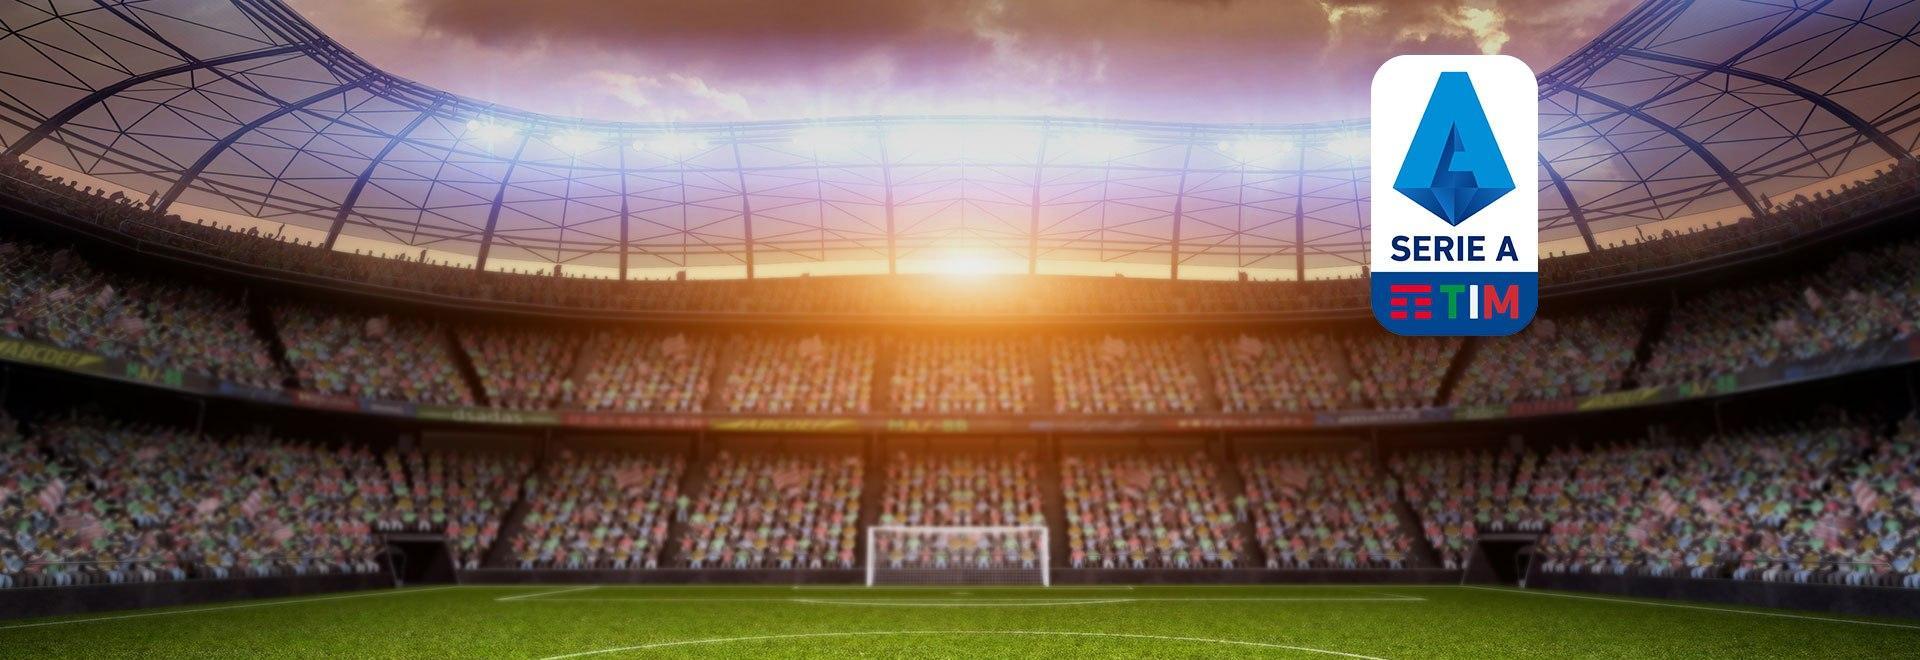 Milan - Sampdoria. 29a g.